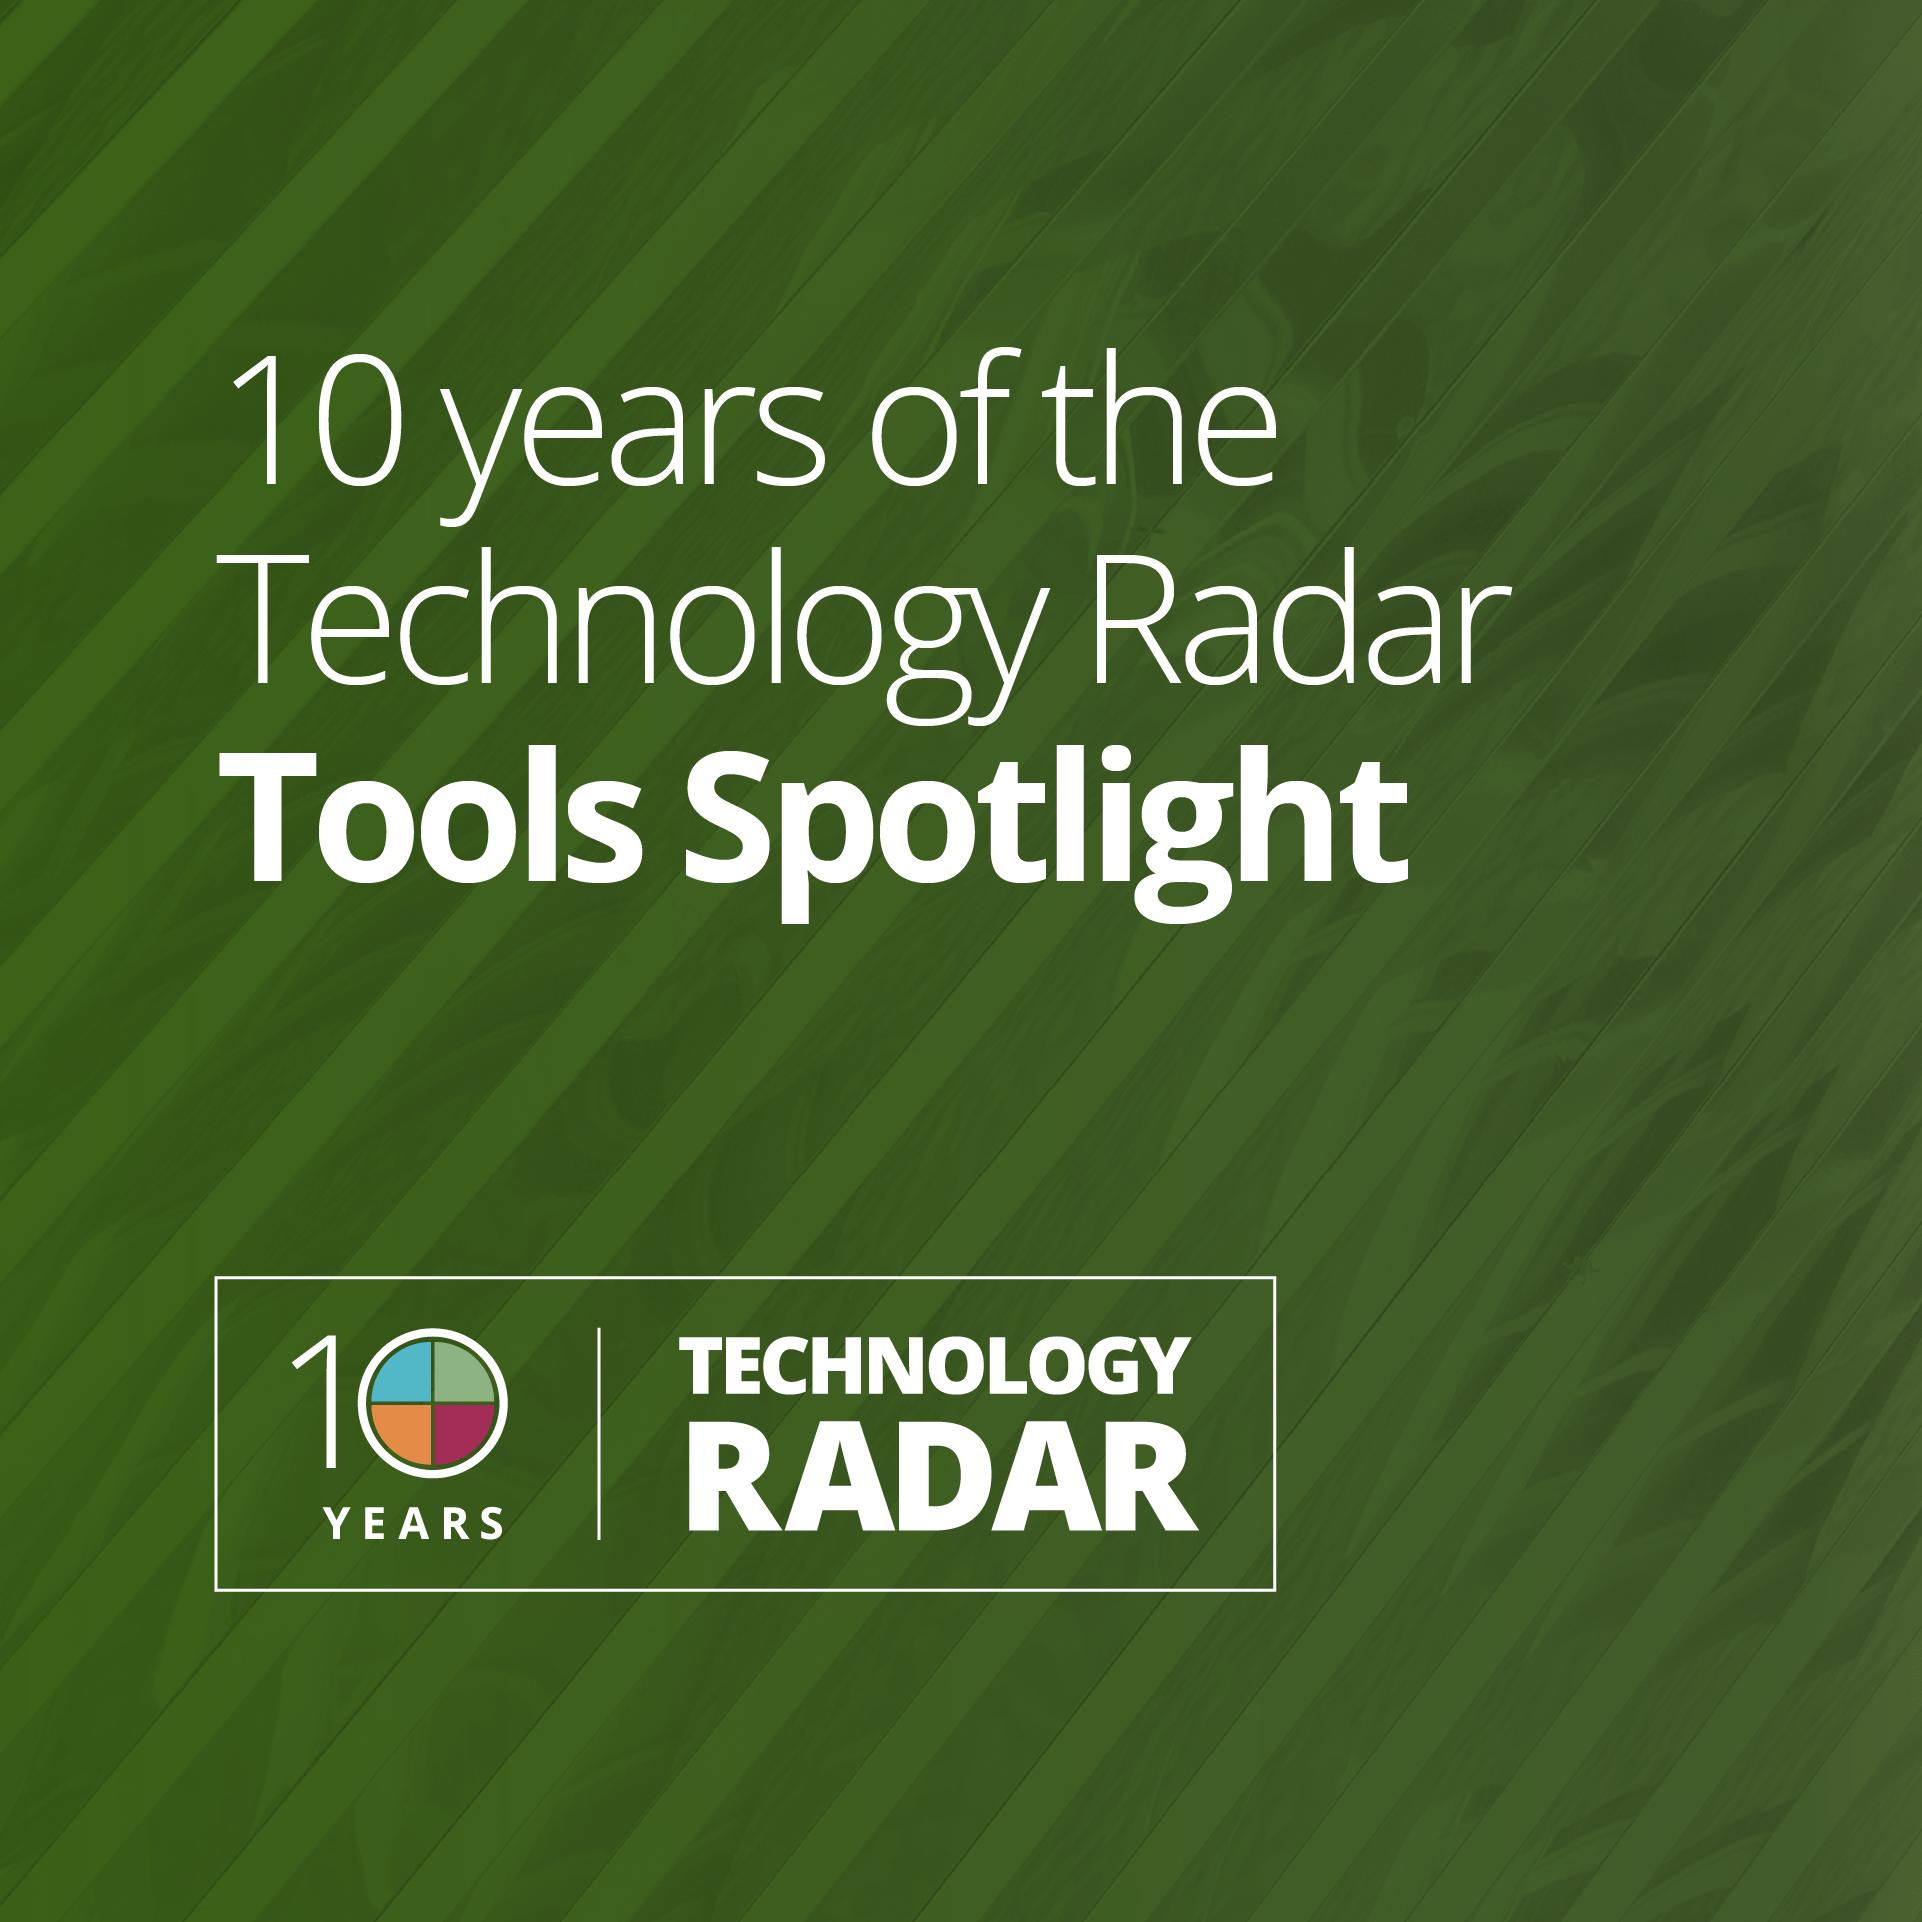 Radar Tools spotlight